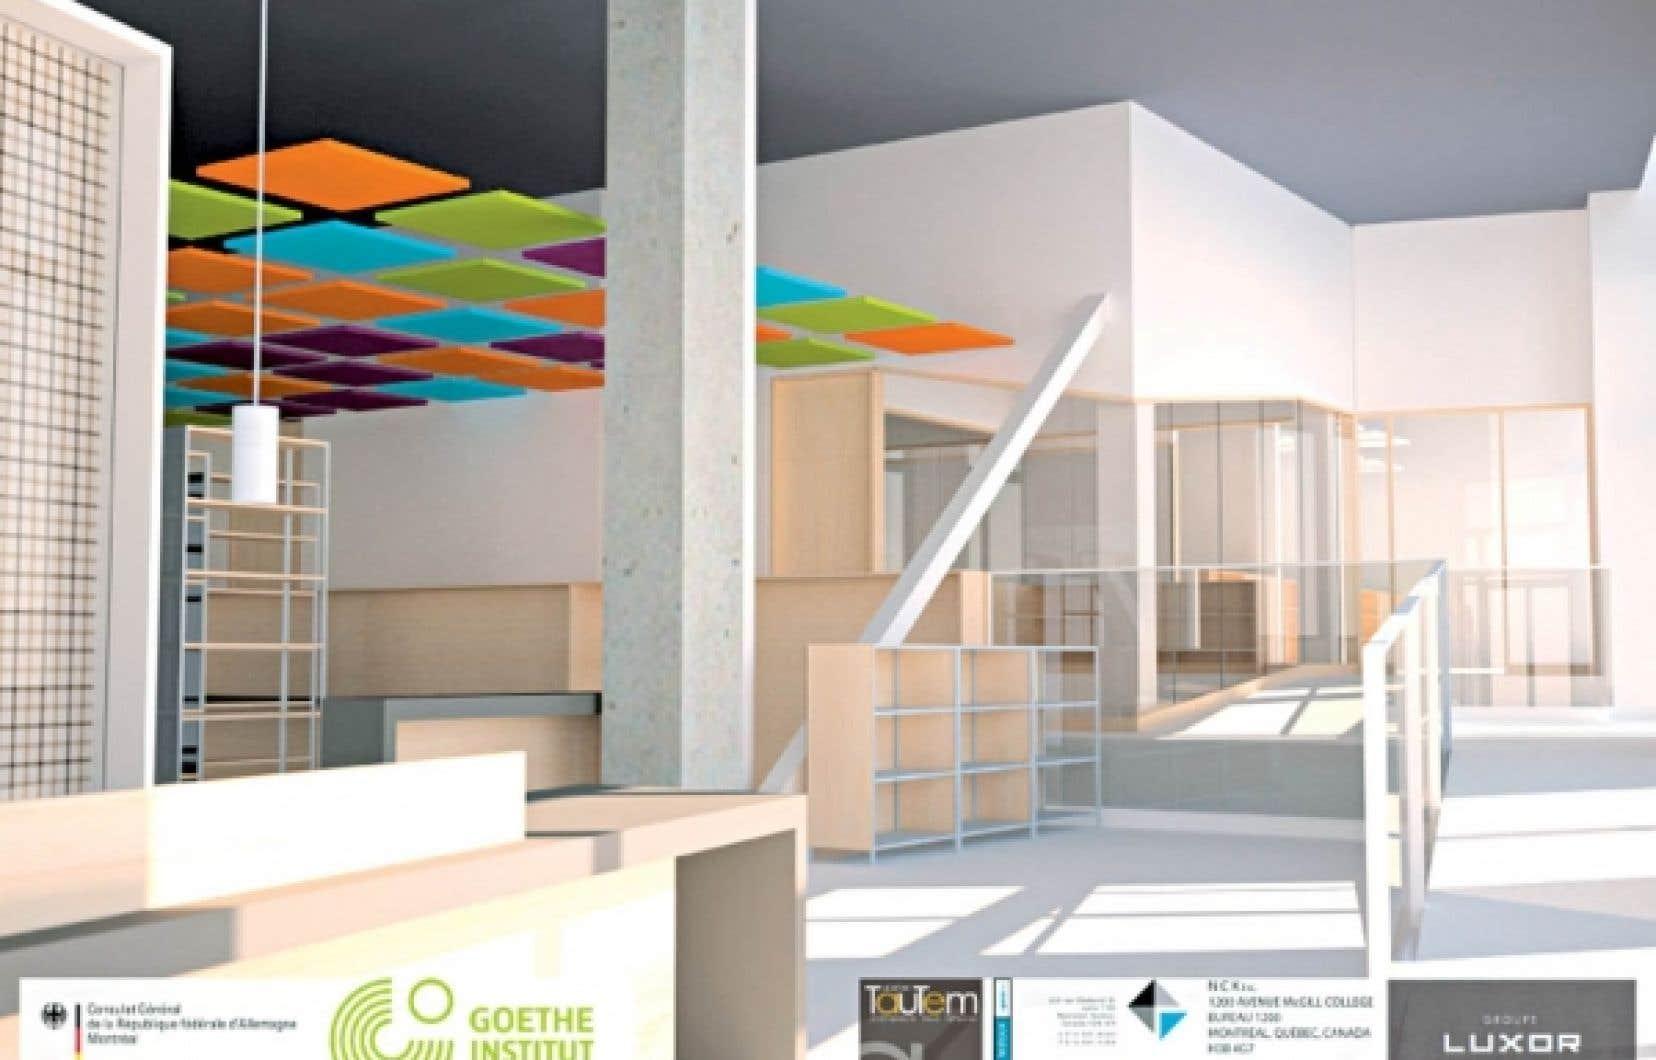 <div> Dans sa nouvelle demeure, l&rsquo;institution adoptera un style contemporain, conjuguant &laquo;le verre, le bois, le b&eacute;ton et le blanc, avec des accents de couleurs qui font la marque du Goethe&raquo;.</div>